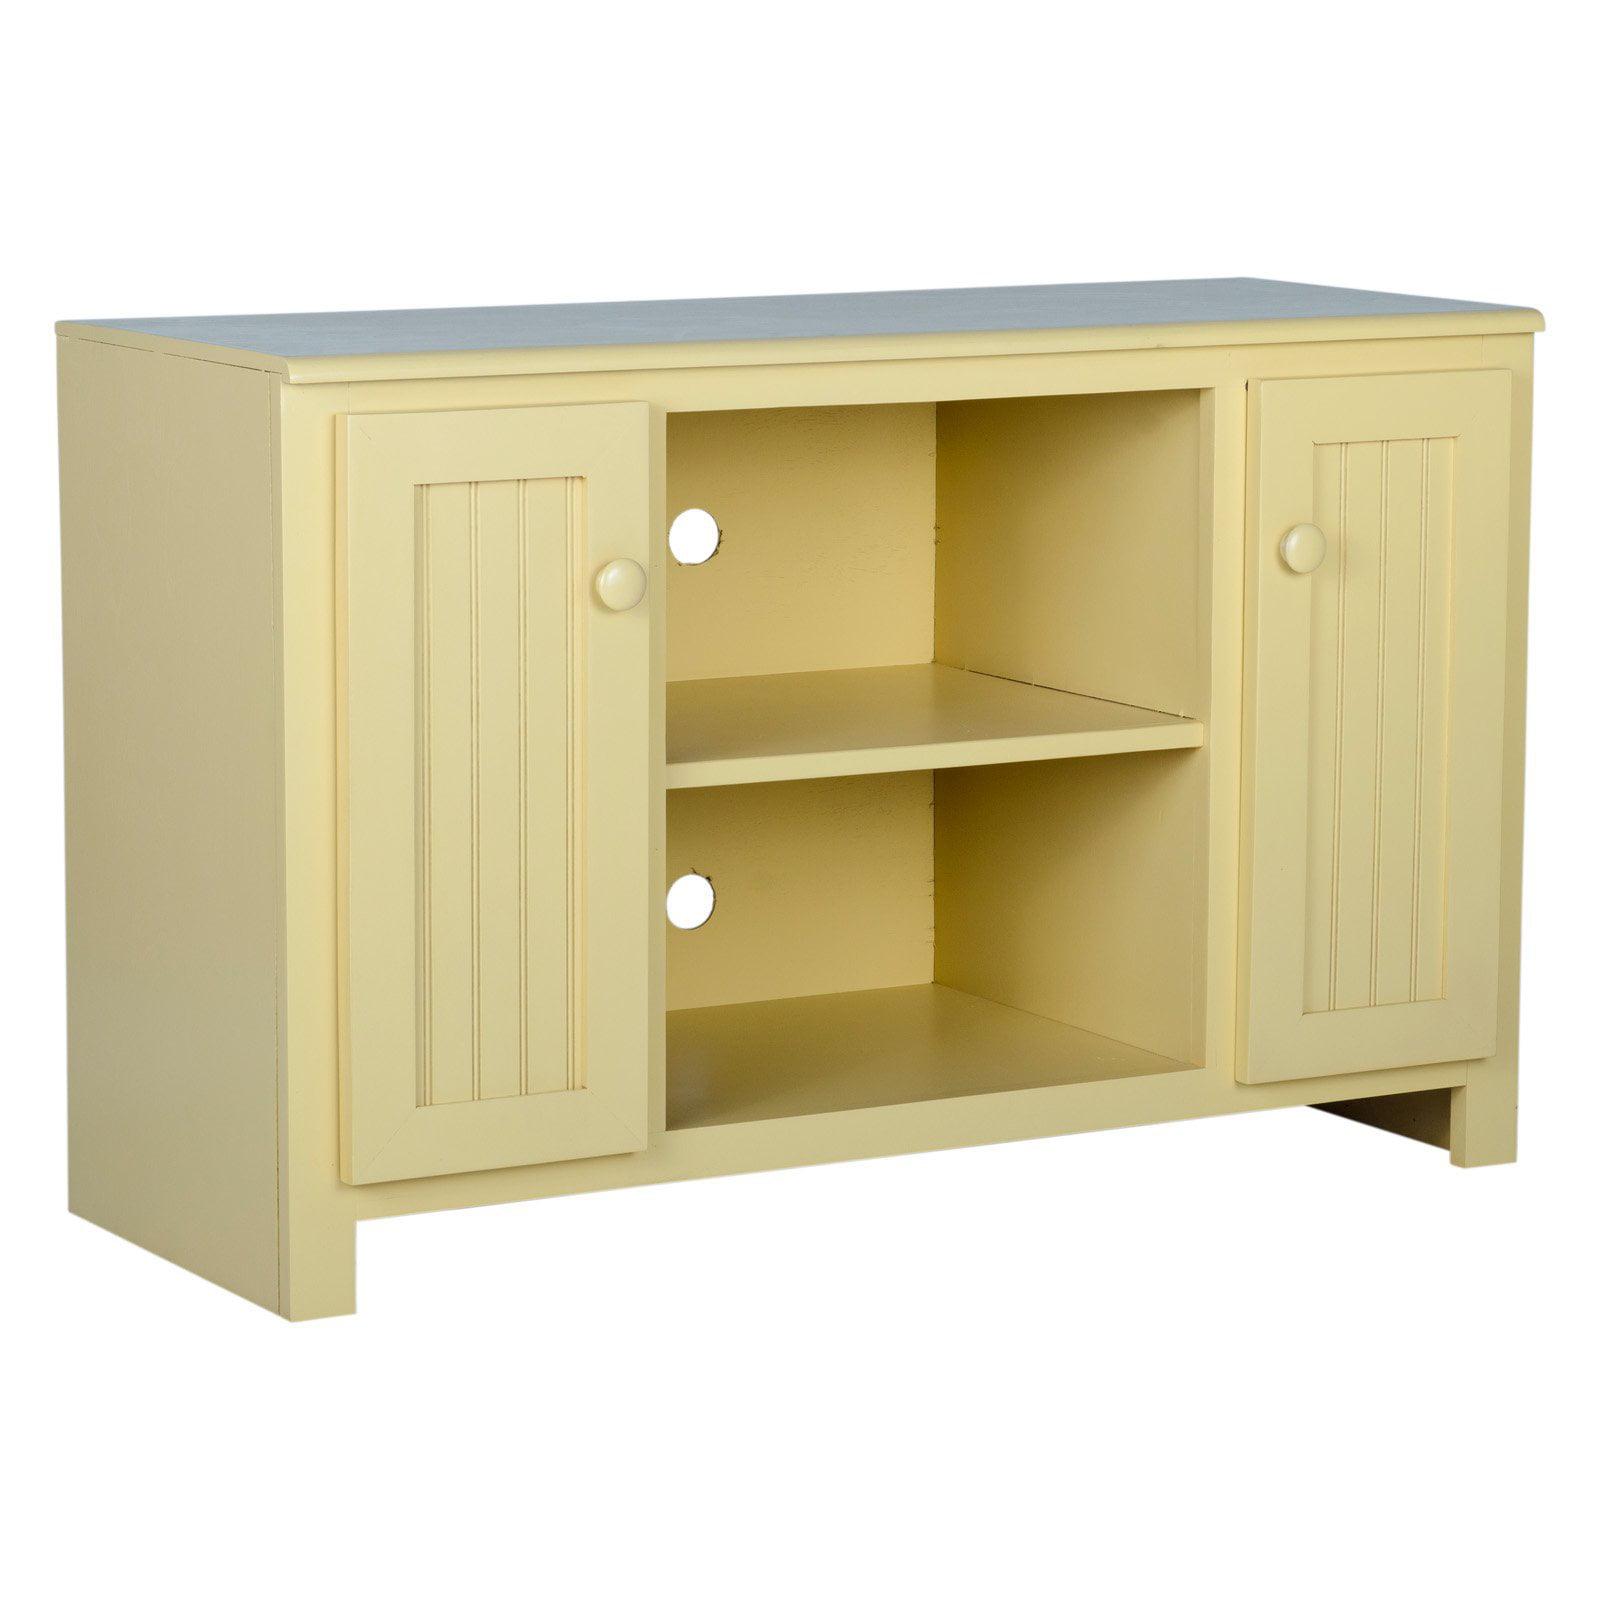 Eagle Furniture 42 in. Coastal TV Console